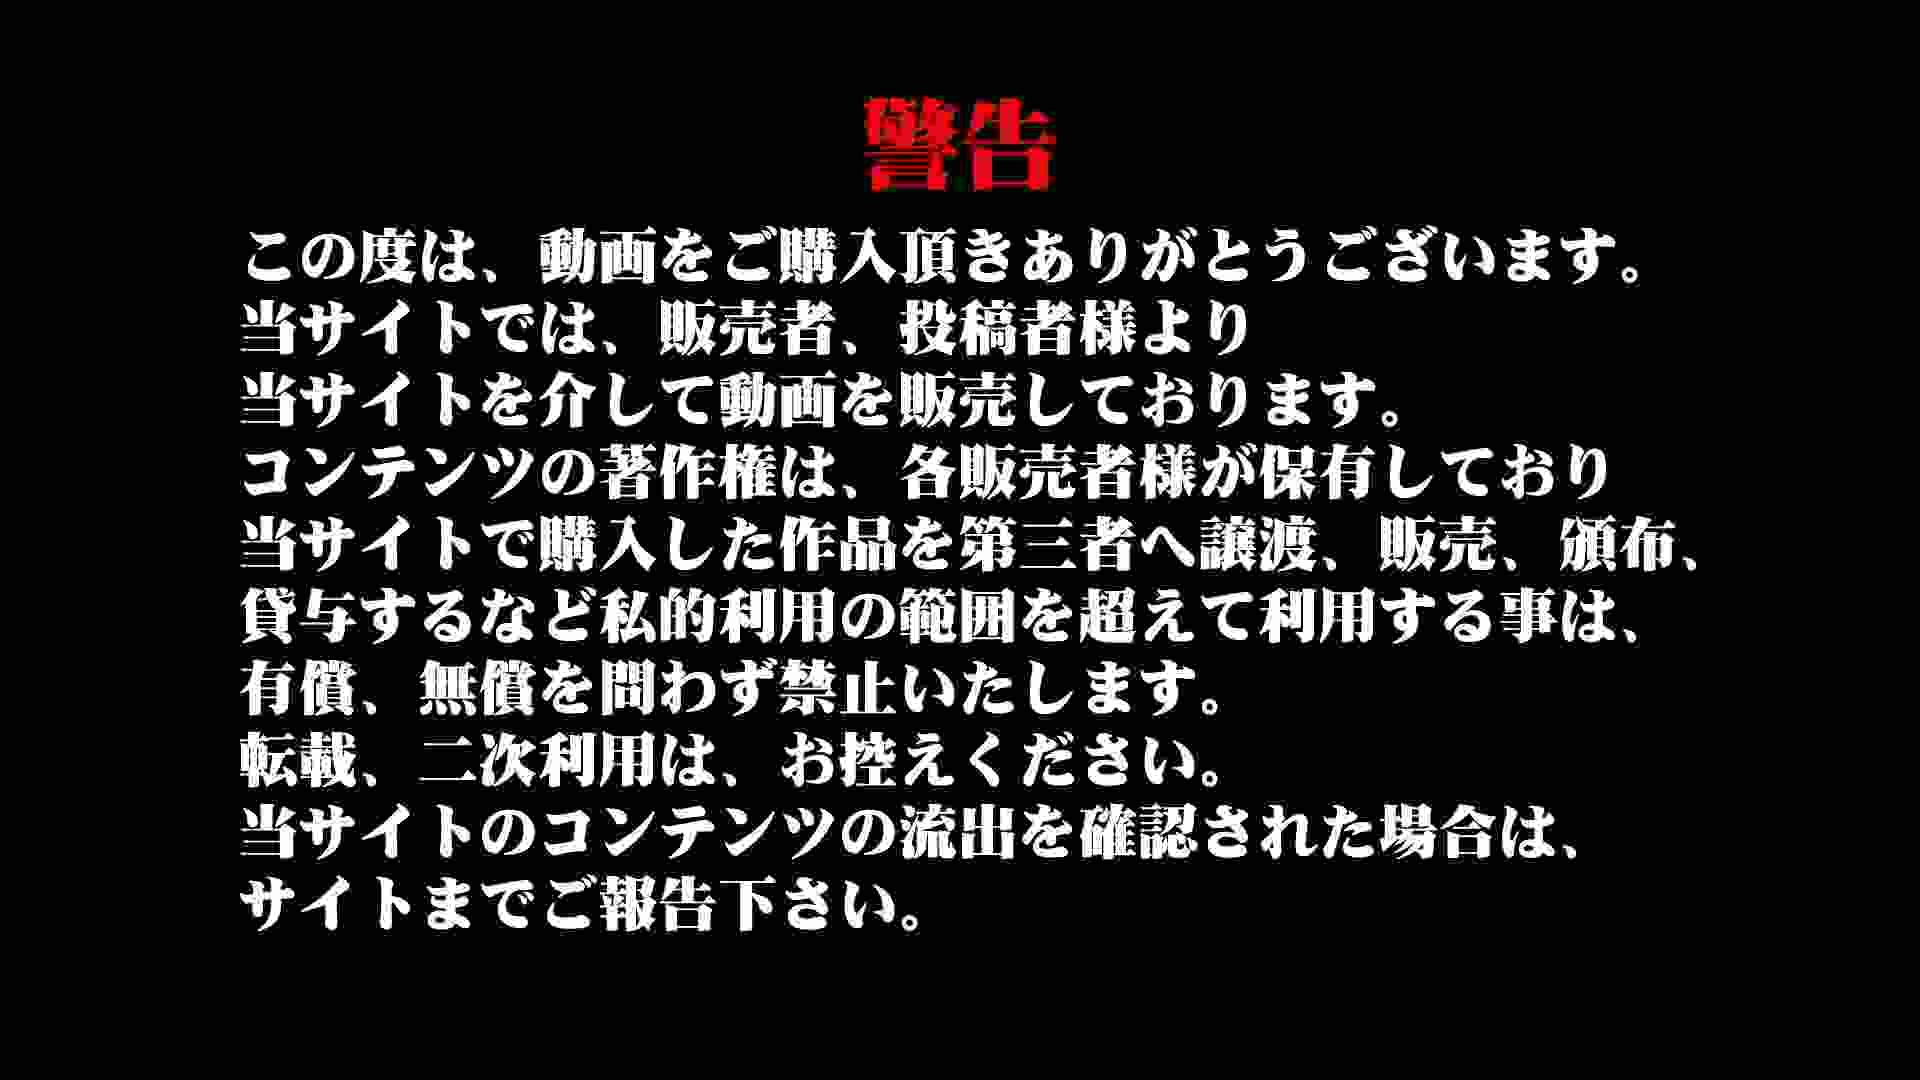 Aquaな露天風呂Vol.895 盗撮シリーズ  101PIX 36